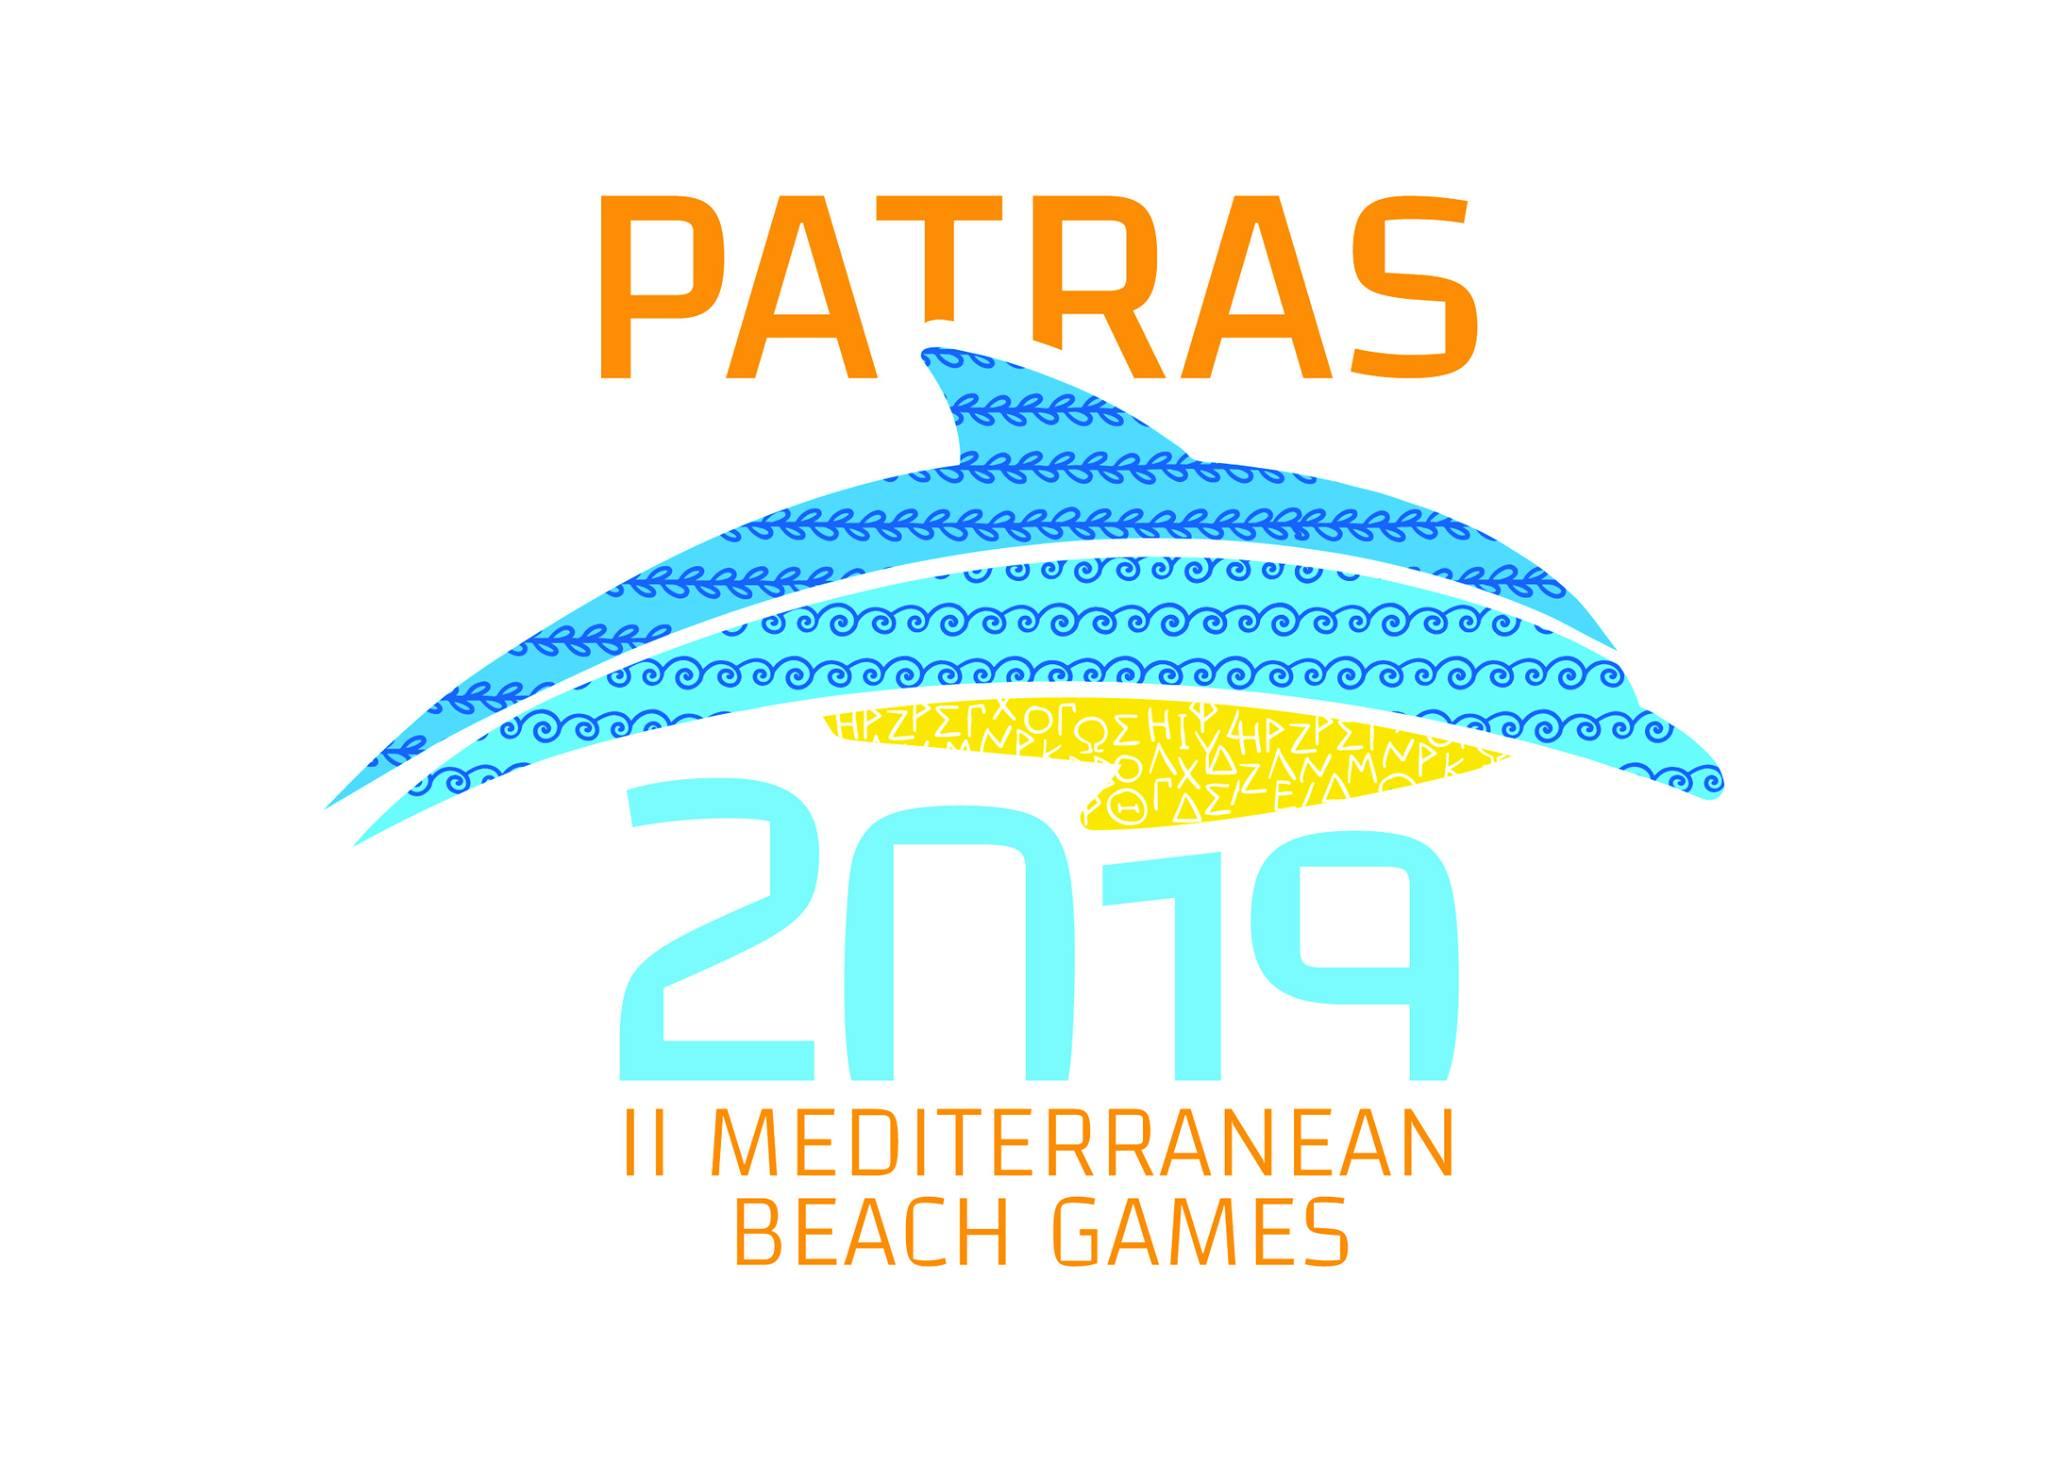 Πάτρα: Σήμερα η απόφαση για την ανάληψη των Παράκτιων Μεσογειακών Αγώνων του 2019